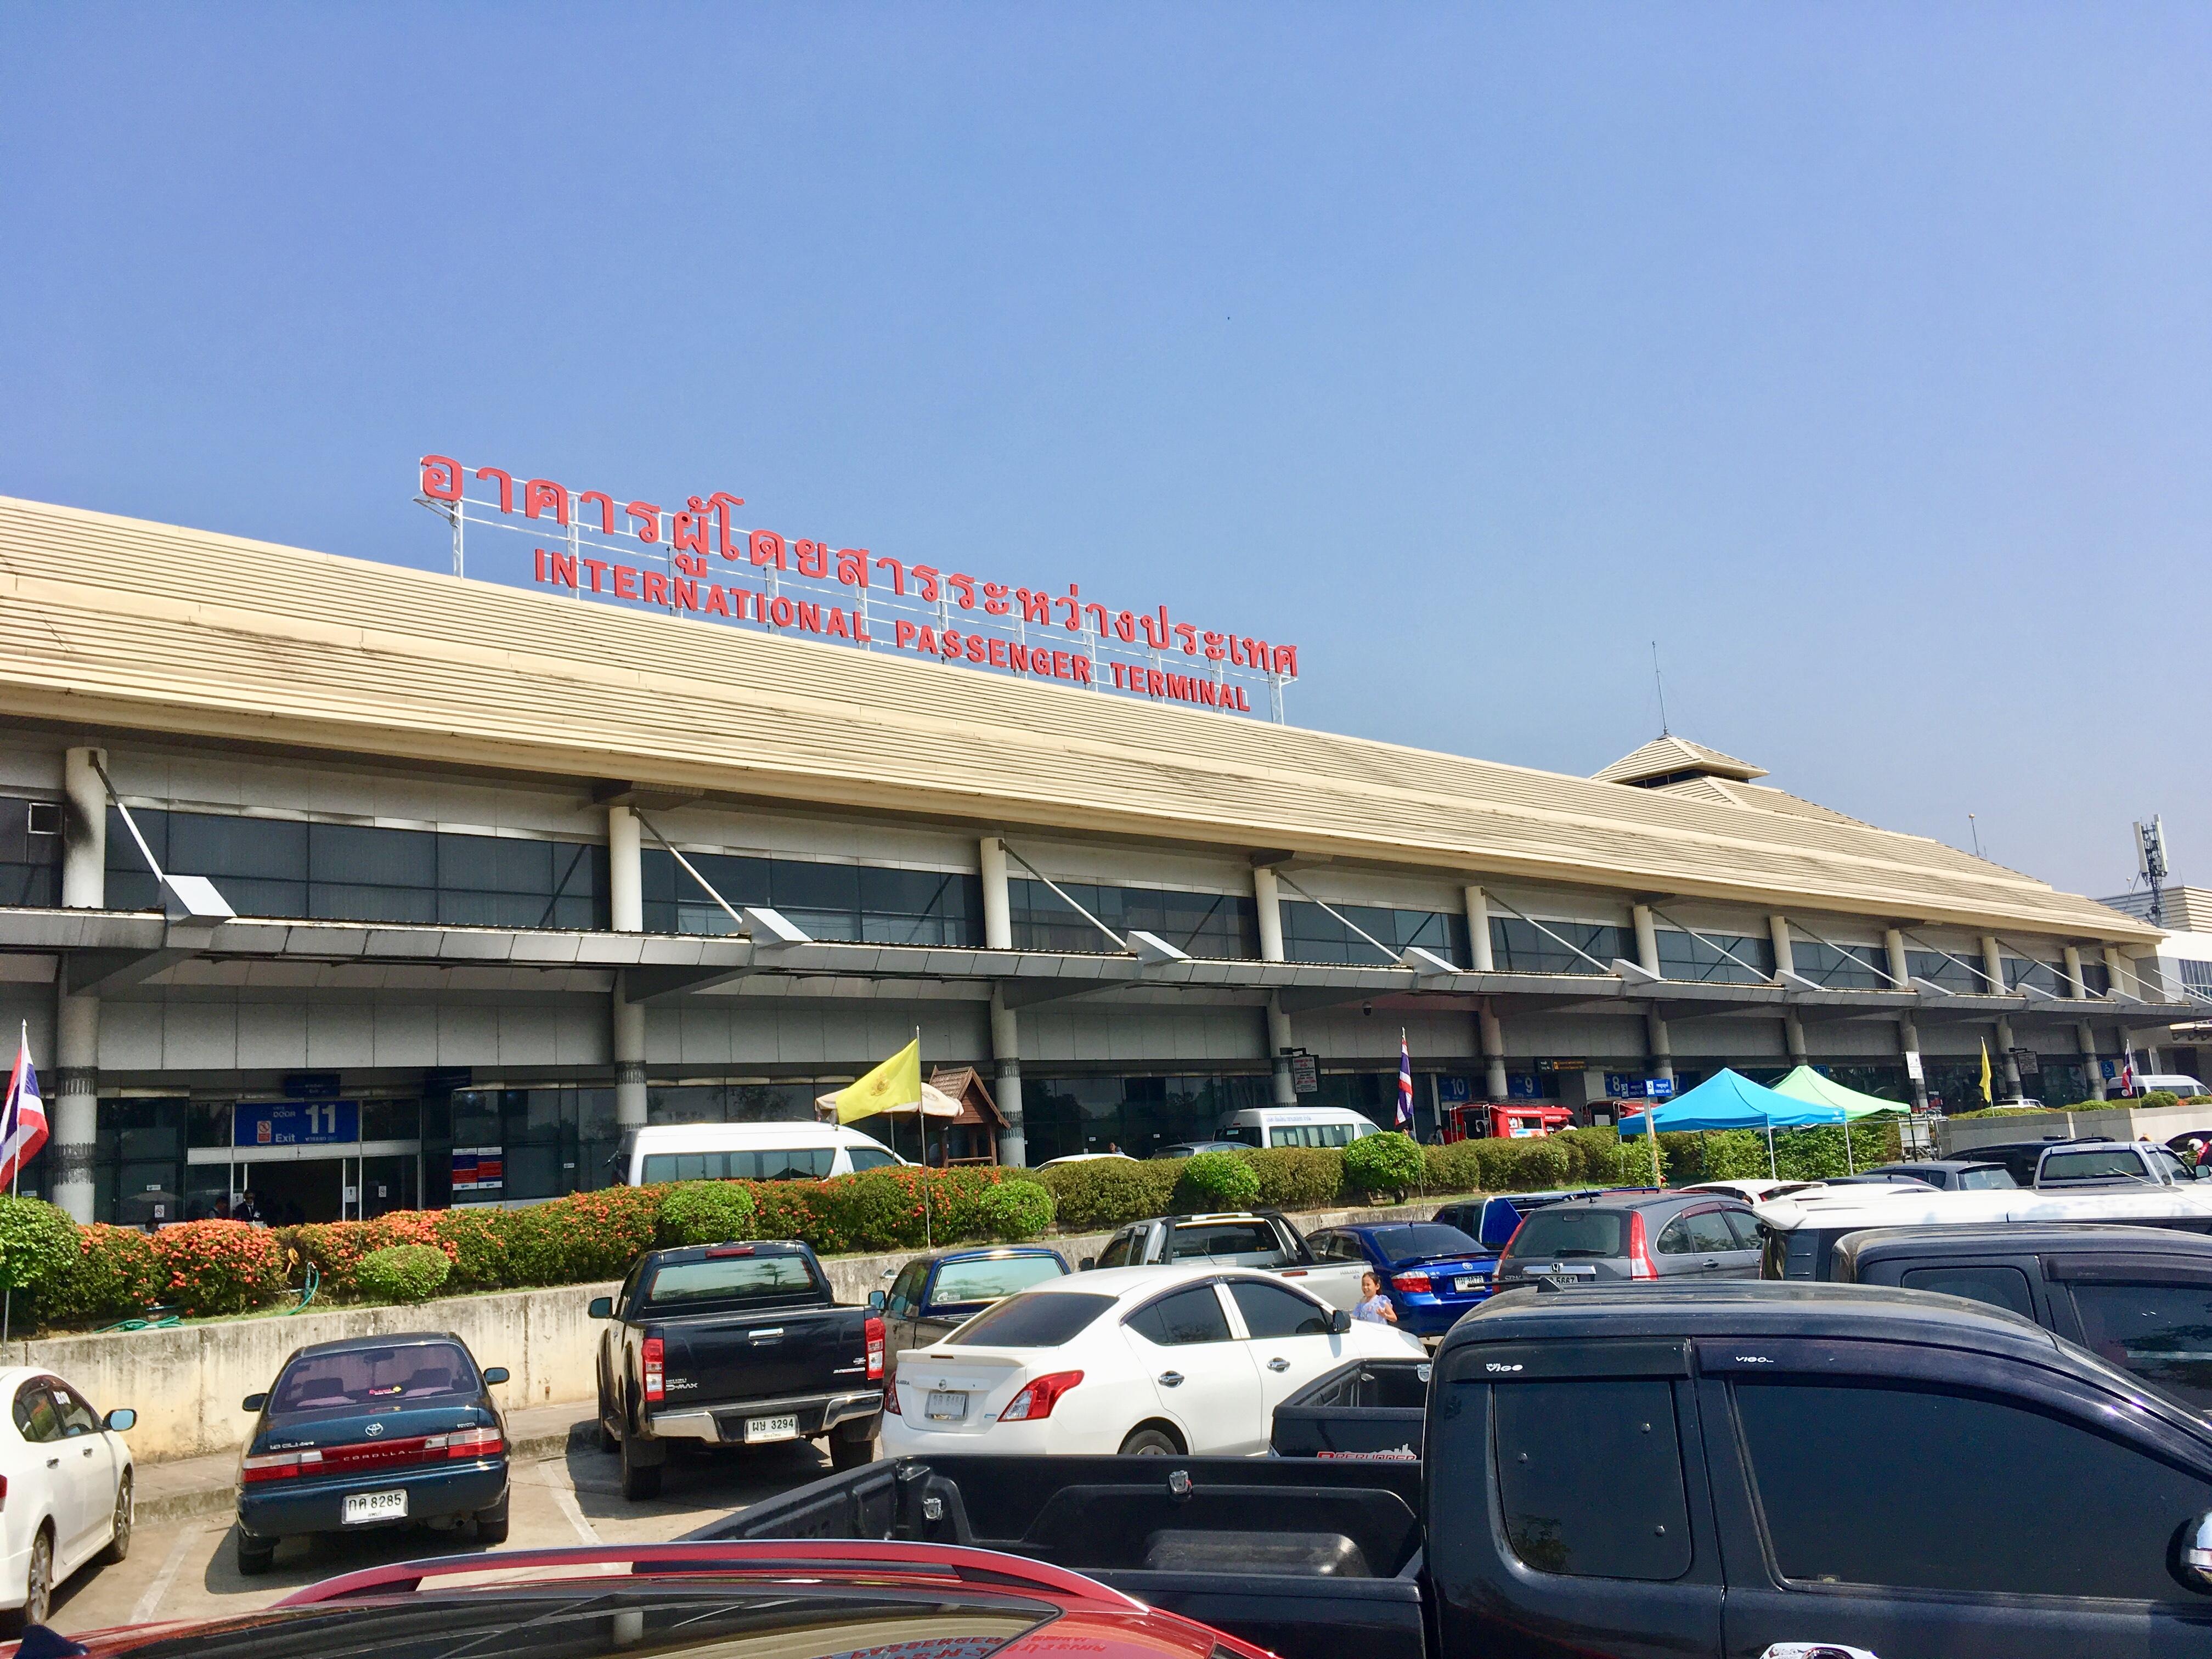 チェンマイ空港⇔市内の移動アクセス方法・空港で利用できるサービス